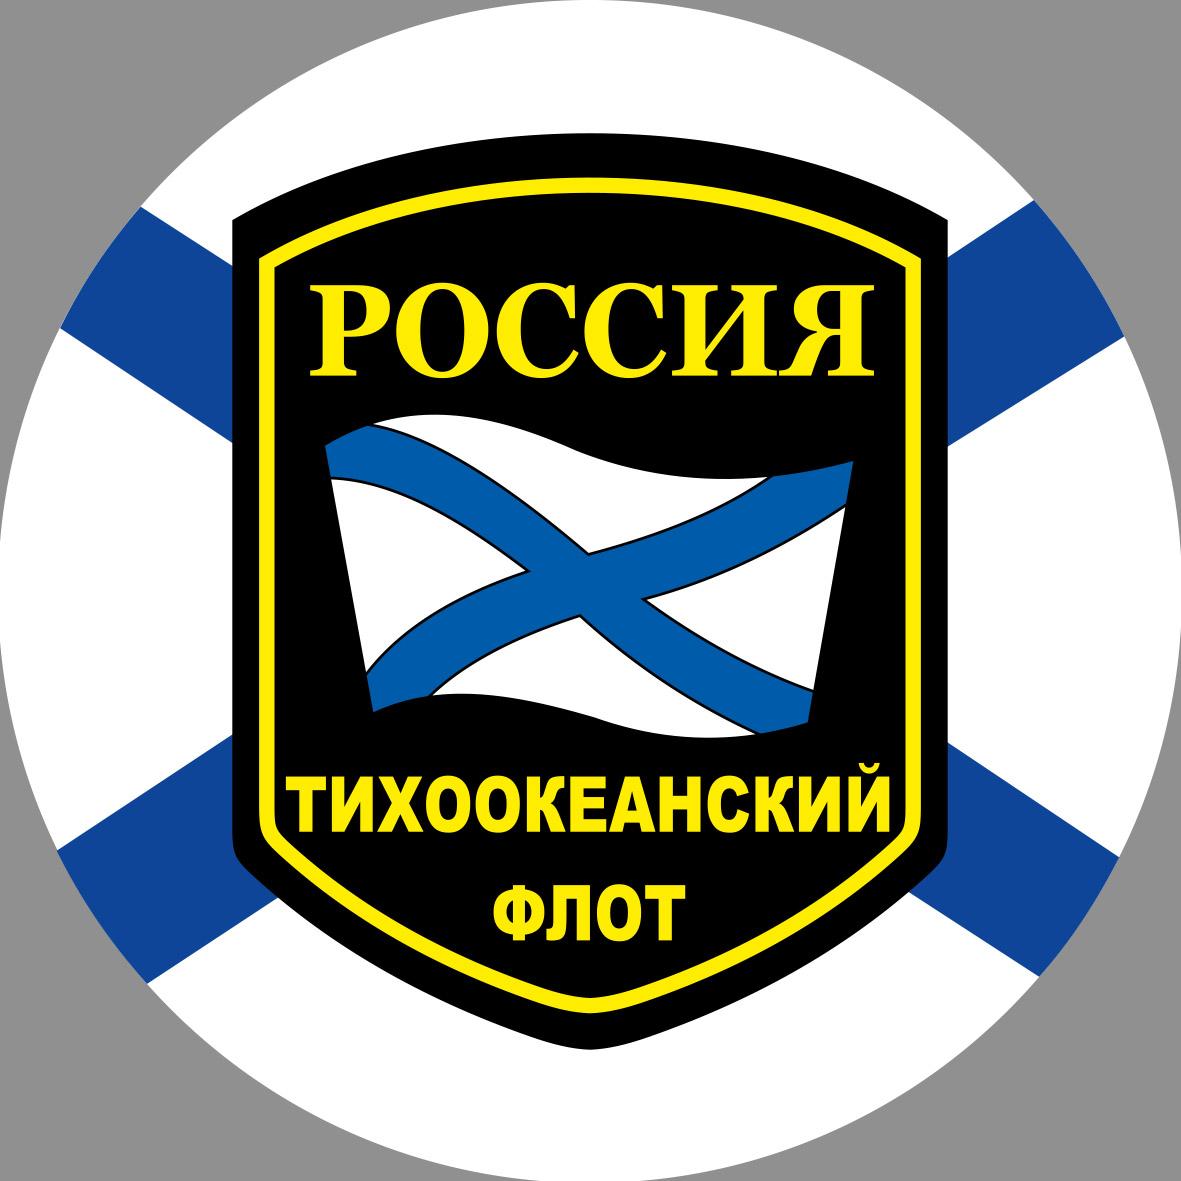 Наклейка «Тихоокеанский флот России»